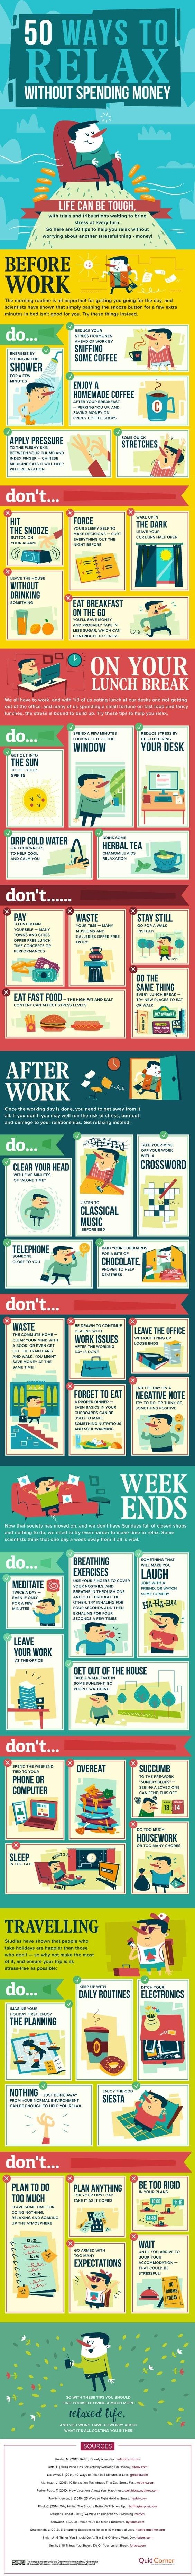 Still More Tips for Living Well